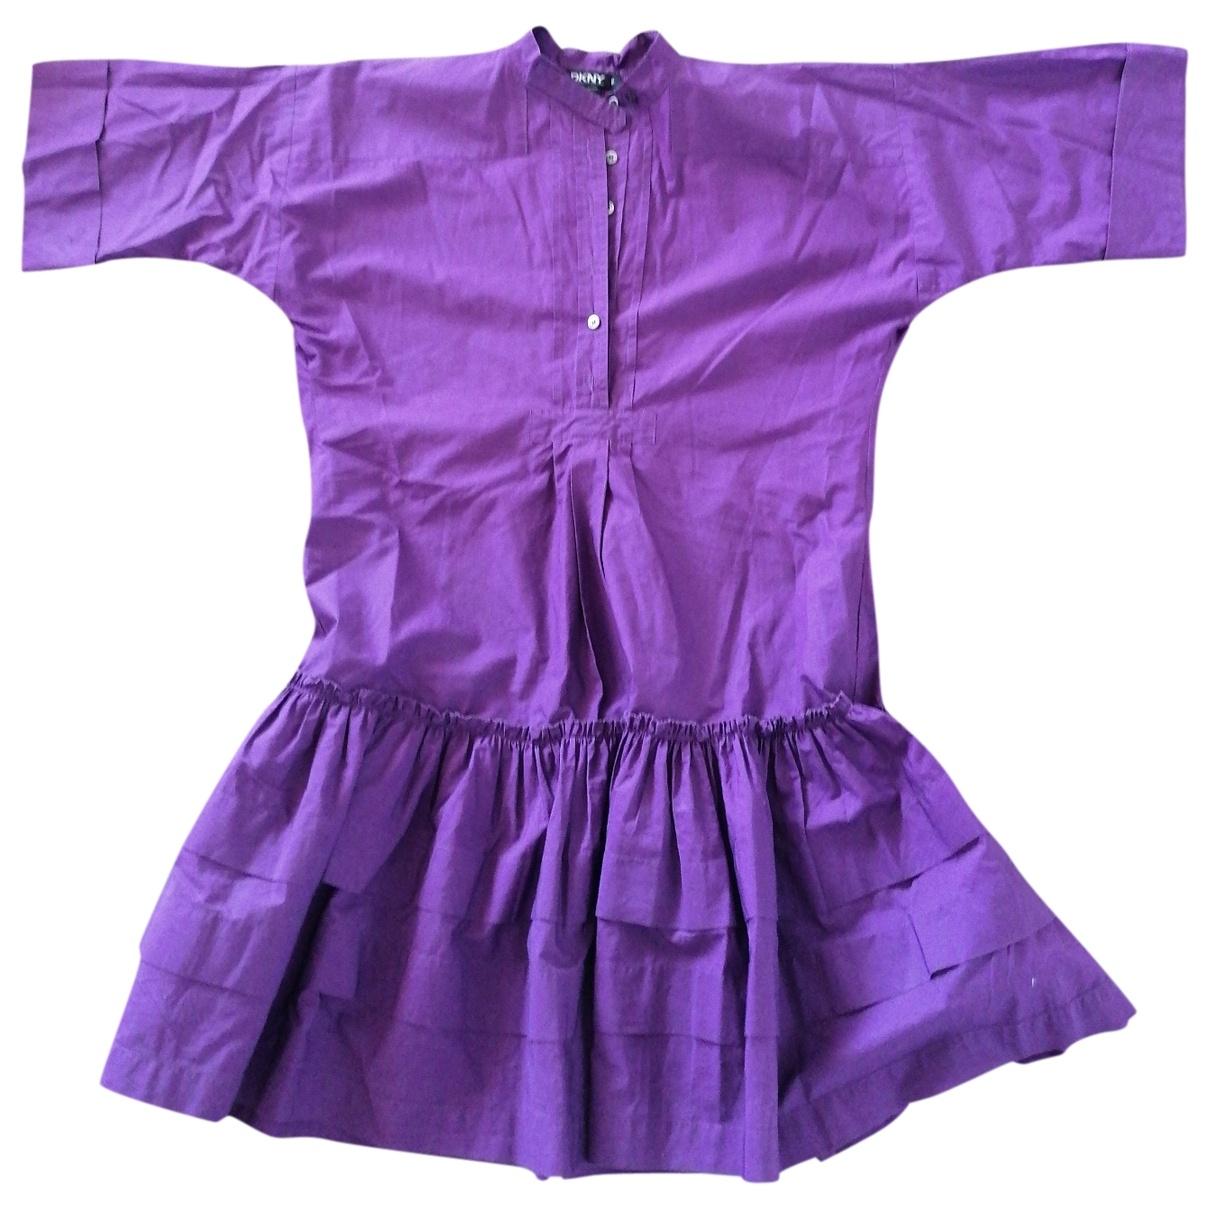 Dkny \N Purple Cotton dress for Women 38 IT